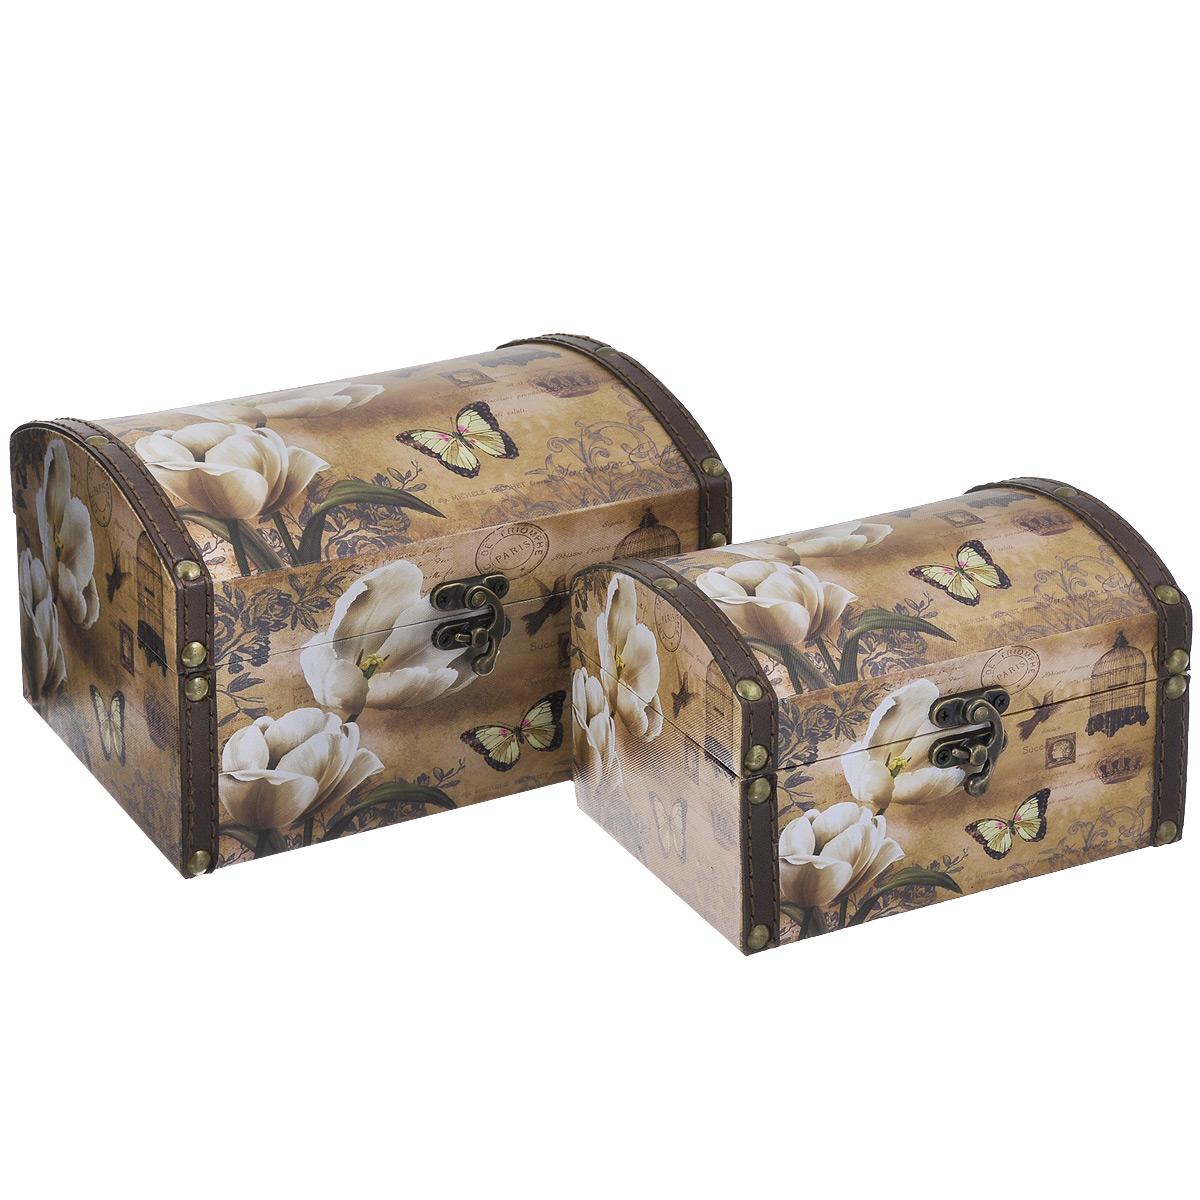 Набор шкатулок для рукоделия Изящность 2, цвет: коричневый, белый, карамельный, 2 штTL4141RНабор Изящность 2 состоит из двух шкатулок разного размера, изготовленных из МДФ, картона и холщовой ткани и оснащенных крышками. Изделия декорированы изображением цветов и бабочки. Крышки закрываются на металлический поворотный замок. Внутри изделия обтянуты тканью коричневого цвета. Изящные шкатулки с ярким дизайном, складывающиеся одна в другую, предназначены для хранения мелочей, принадлежностей для шитья и творчества и других аксессуаров. Они красиво оформят интерьер комнаты и помогут хранить ваши вещи в порядке. Размер большой шкатулки: 20 см х 15 см х 12 см. Размер маленькой шкатулки: 16 см х 11 см х 10 см.